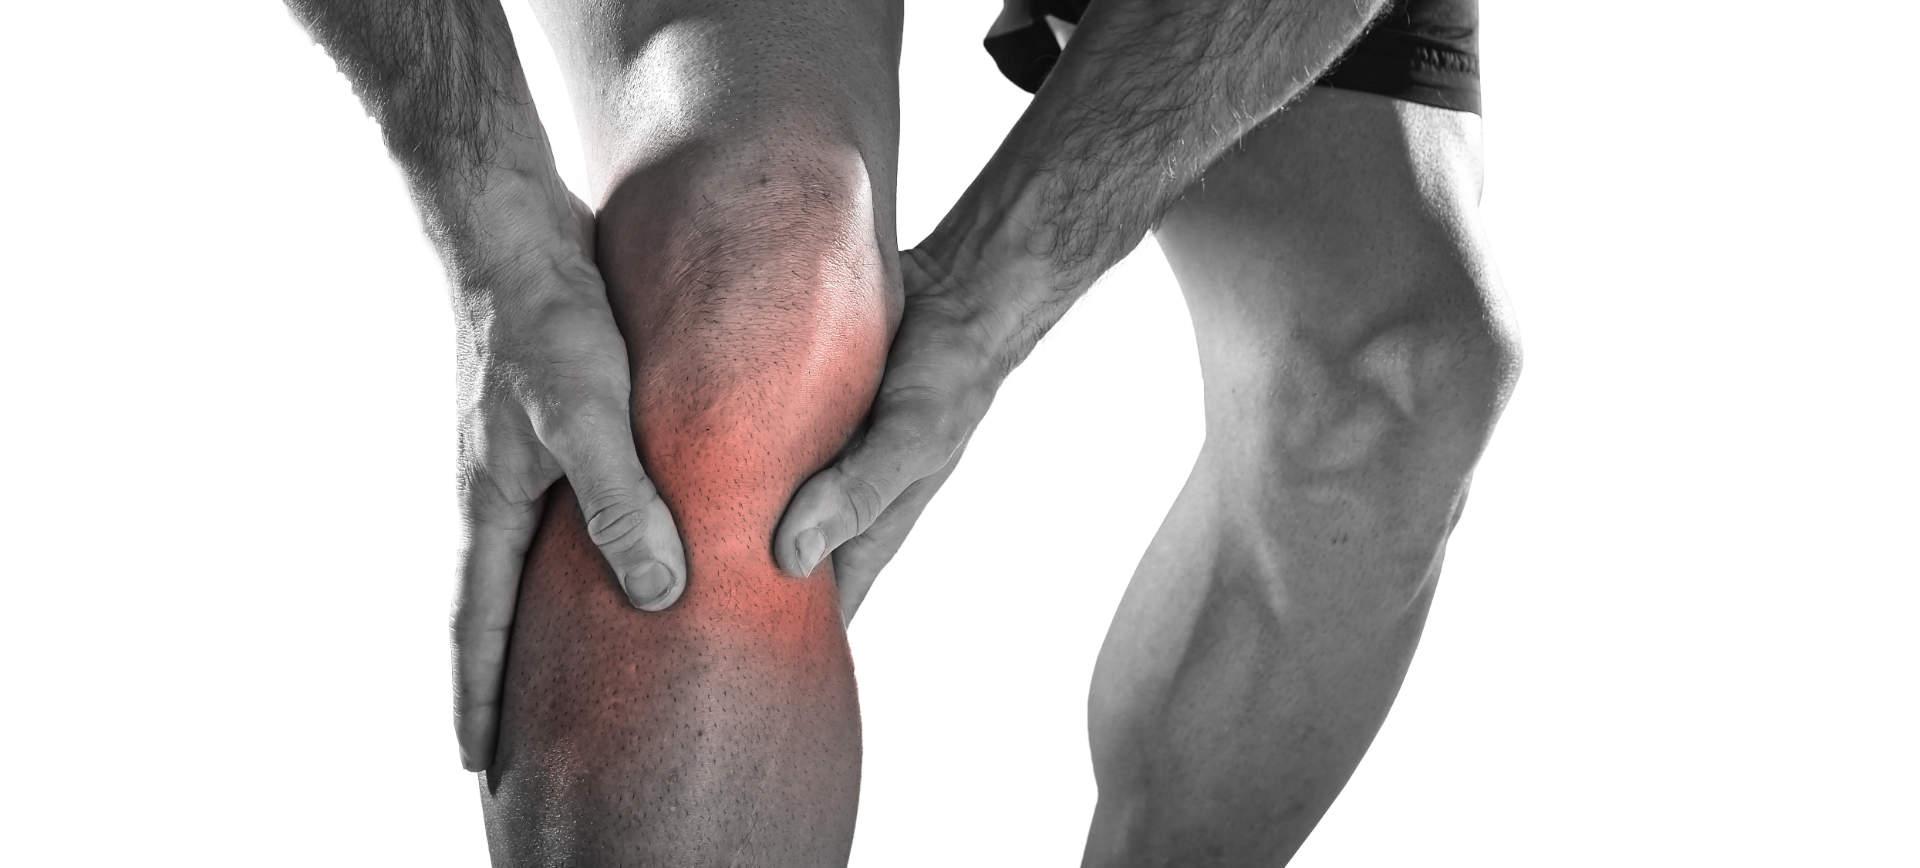 Тяжесть травмы колена